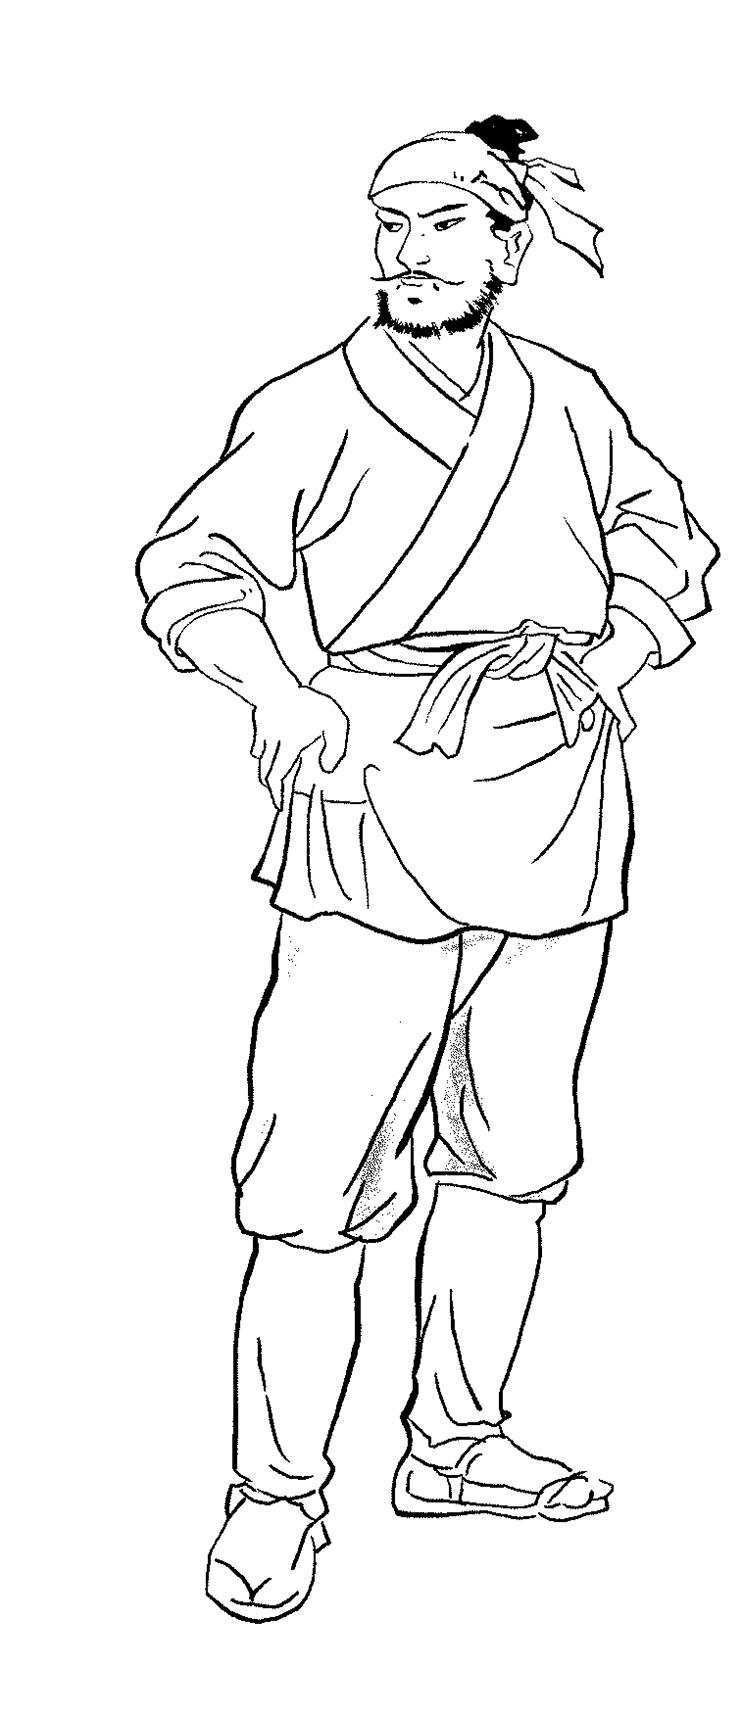 吳廣被立為張楚政權代理王。